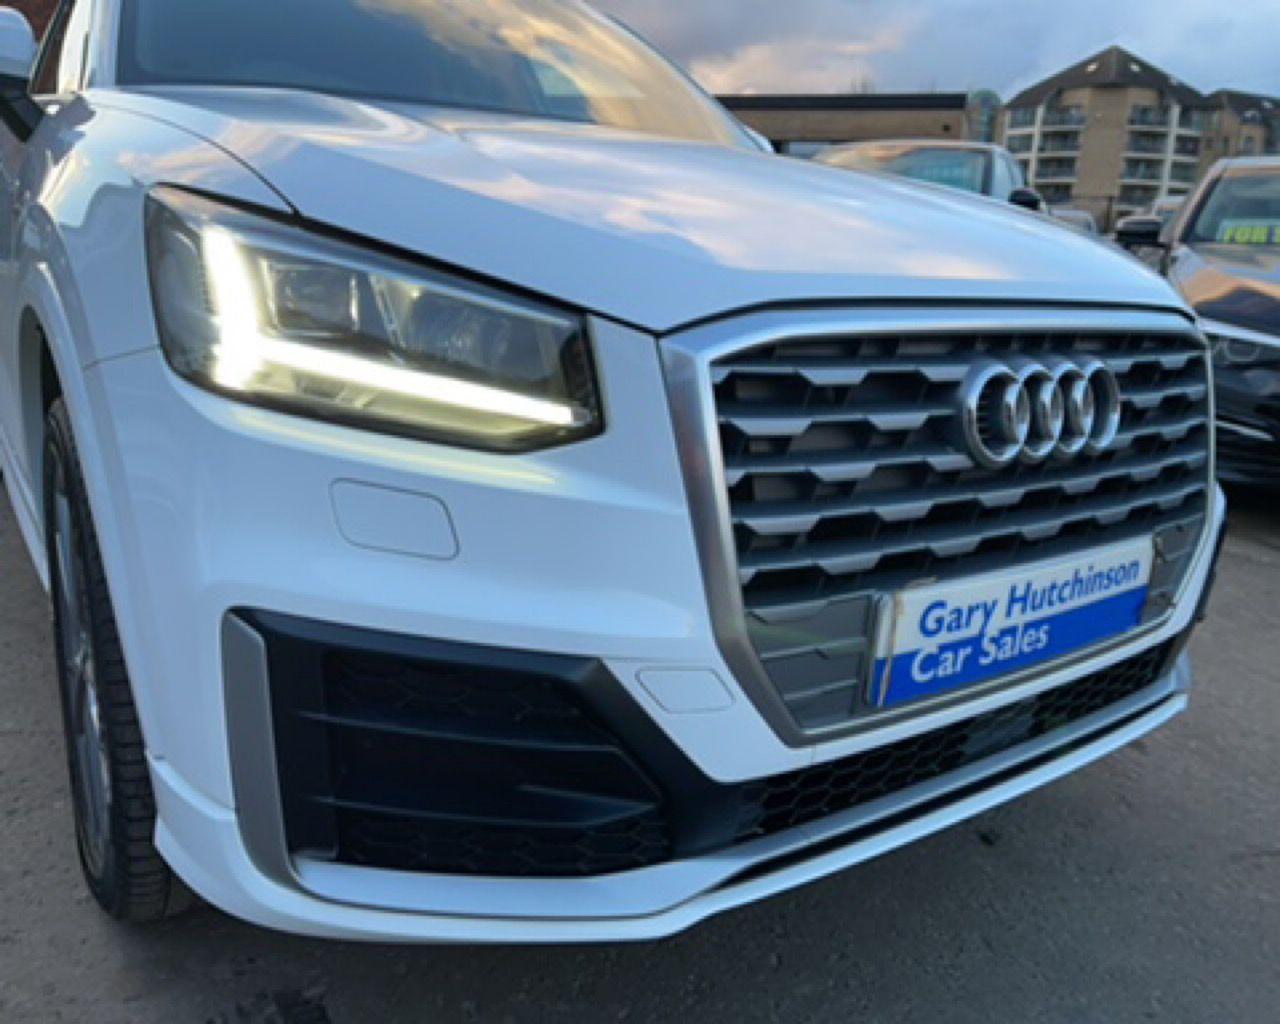 2017 Audi Q2 1.6 TDI S LINE Diesel Manual  – Gary Hutchinson Car Sales Belfast full